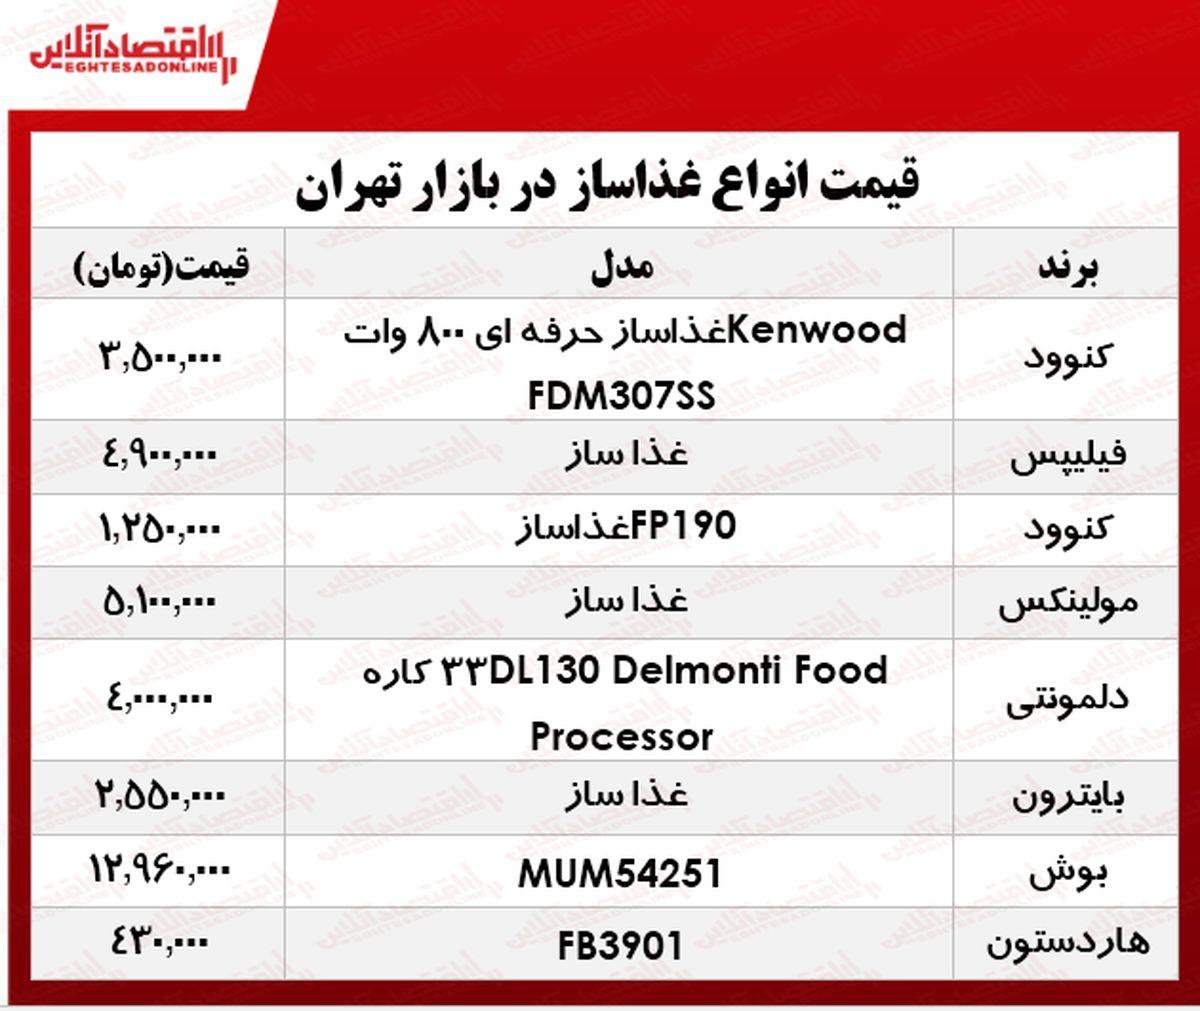 قیمت انواع غذا ساز در بازار؟ +جدول